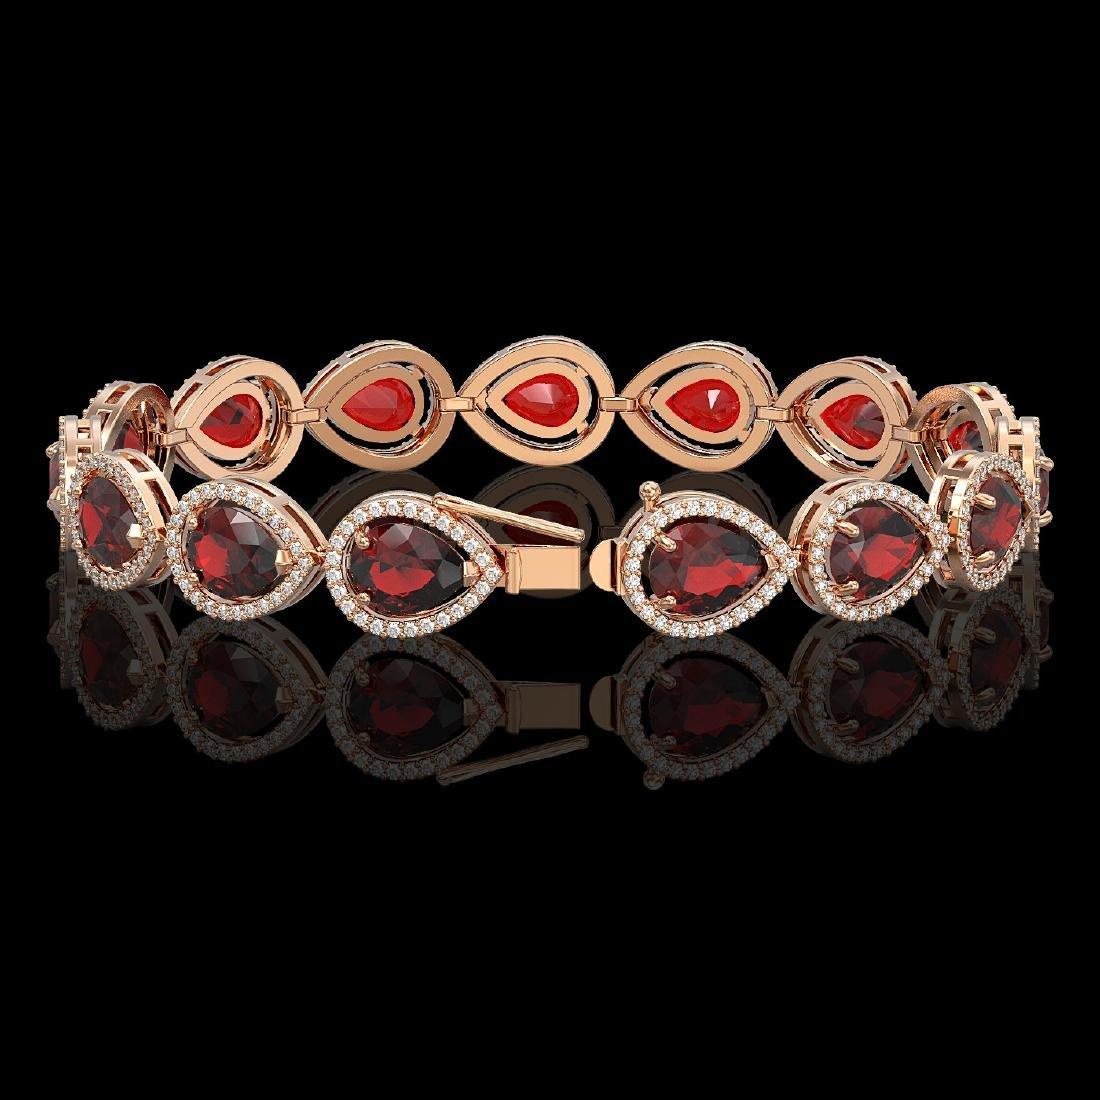 17.45 CTW Garnet & Diamond Halo Bracelet 10K Rose Gold - 2